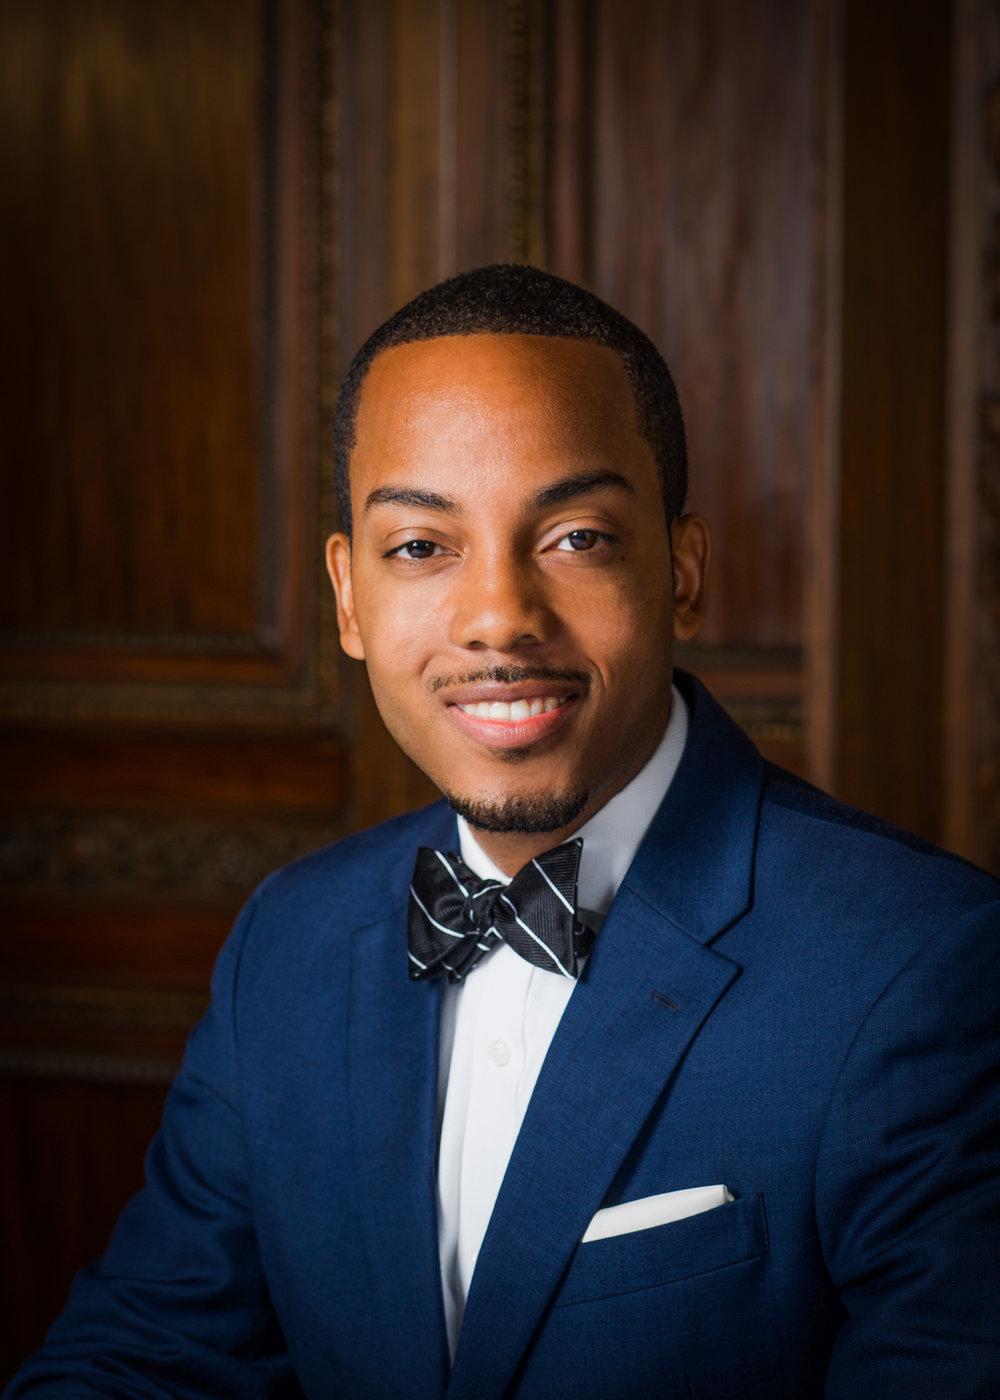 Darrell Gray II, MD, MPH